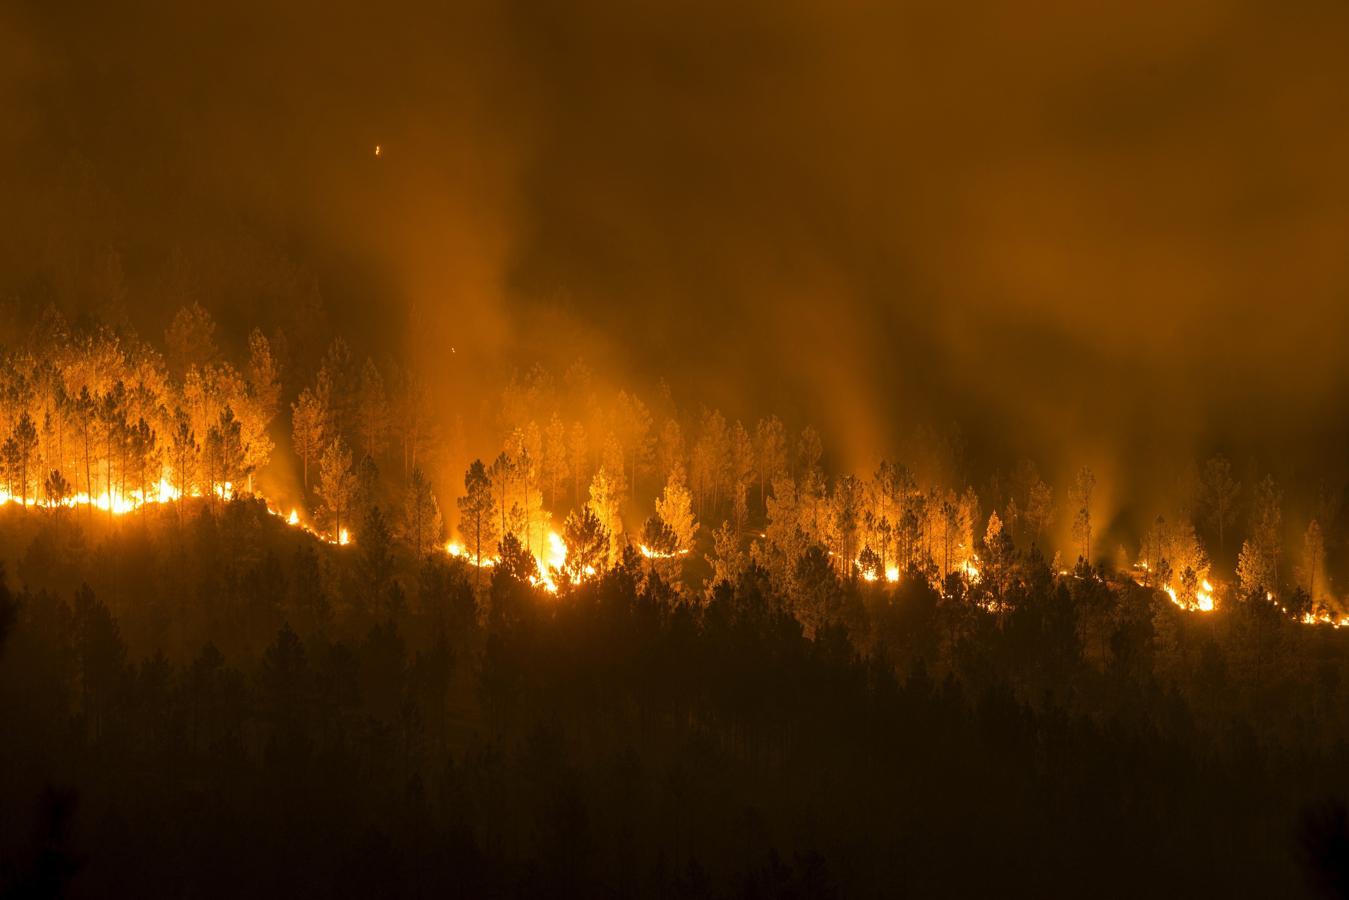 Vista del incendio forestal declarado en la localidad orensana de Entrimo, uno de los muchos incendios forestales sin control que han cercado casas, provocado desalojos y afectado a zonas de alto valor ecológico.